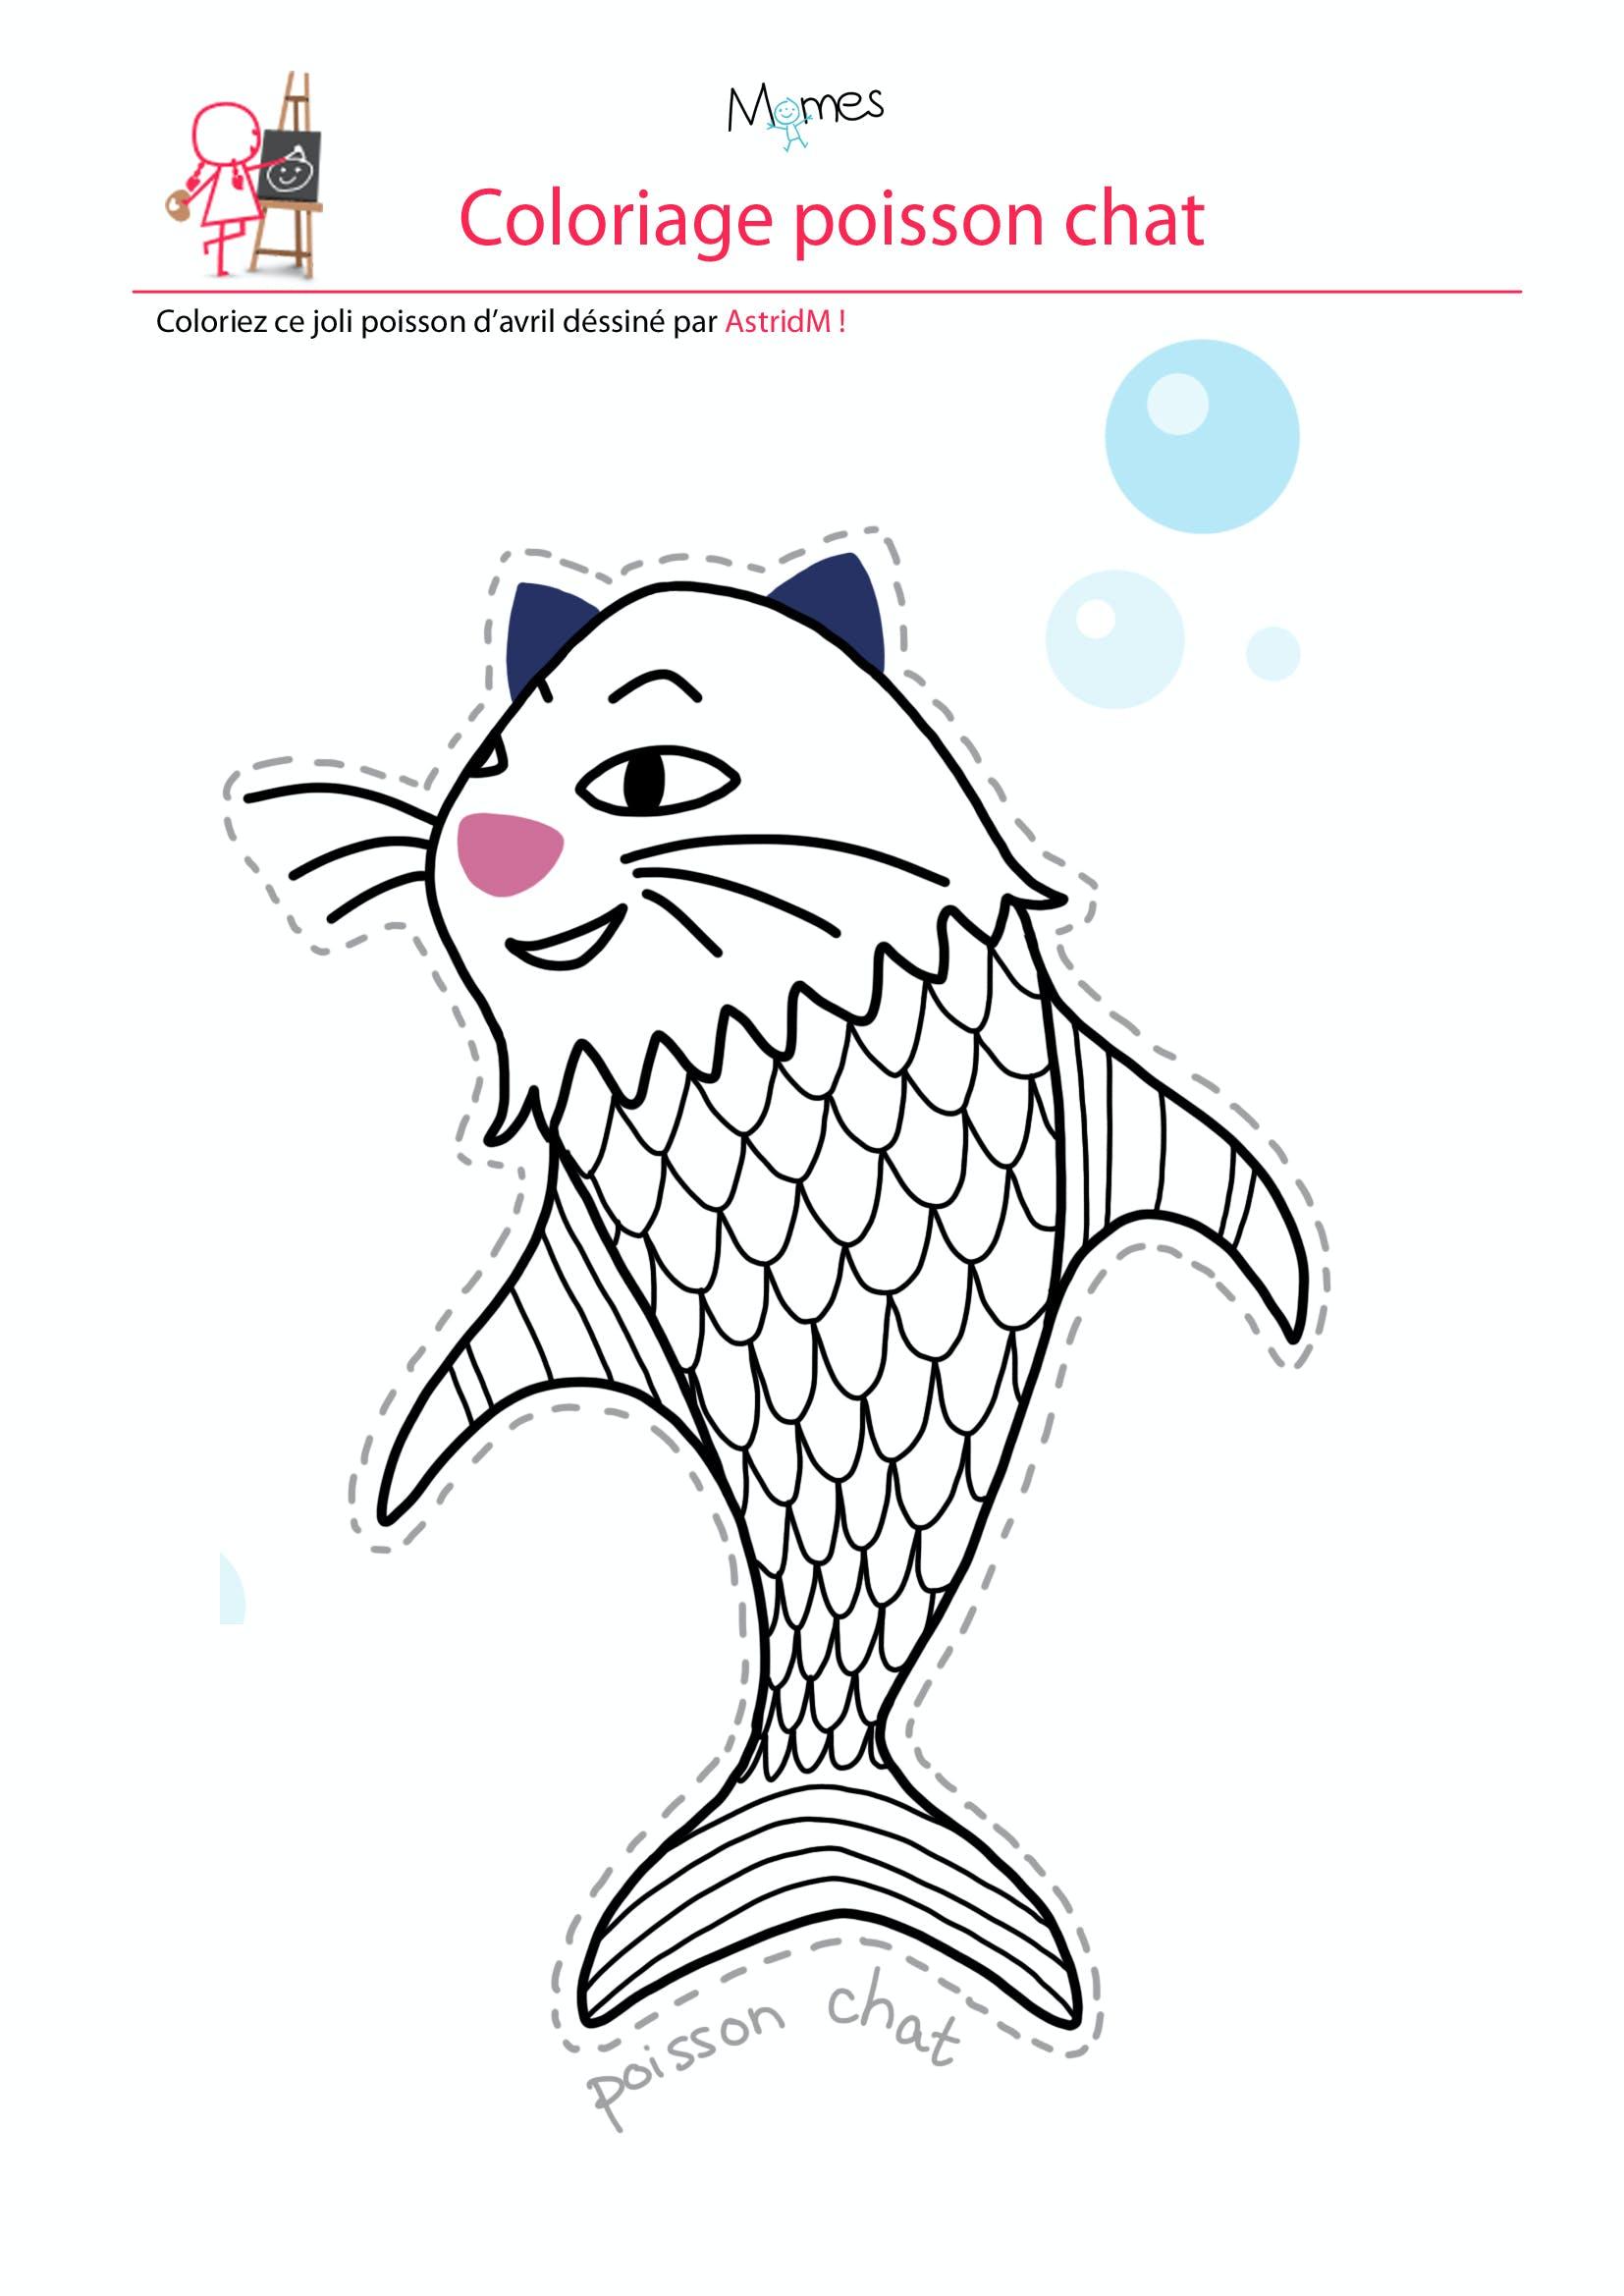 Coloriage poisson d'avril  le poisson chat   MOMES.net